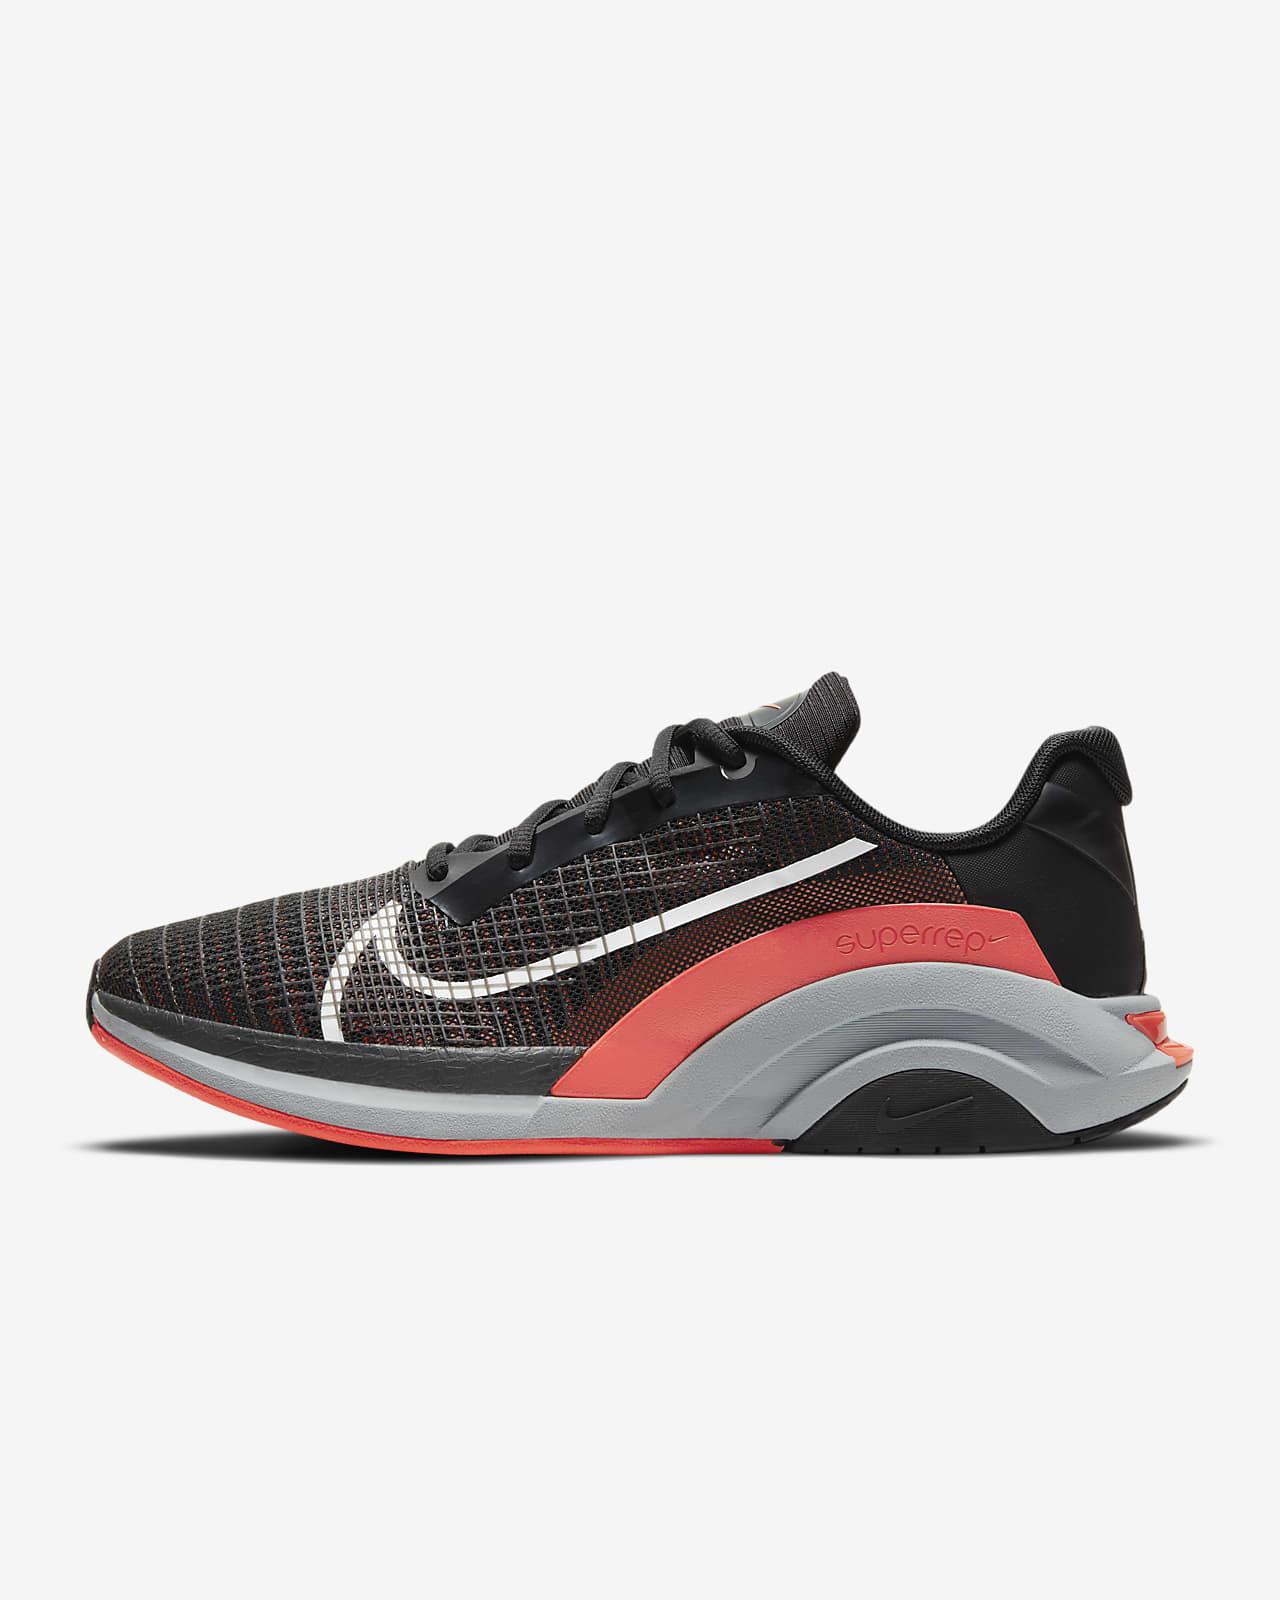 รองเท้าผู้ชายสำหรับคลาสฝึกความอดทน Nike ZoomX SuperRep Surge